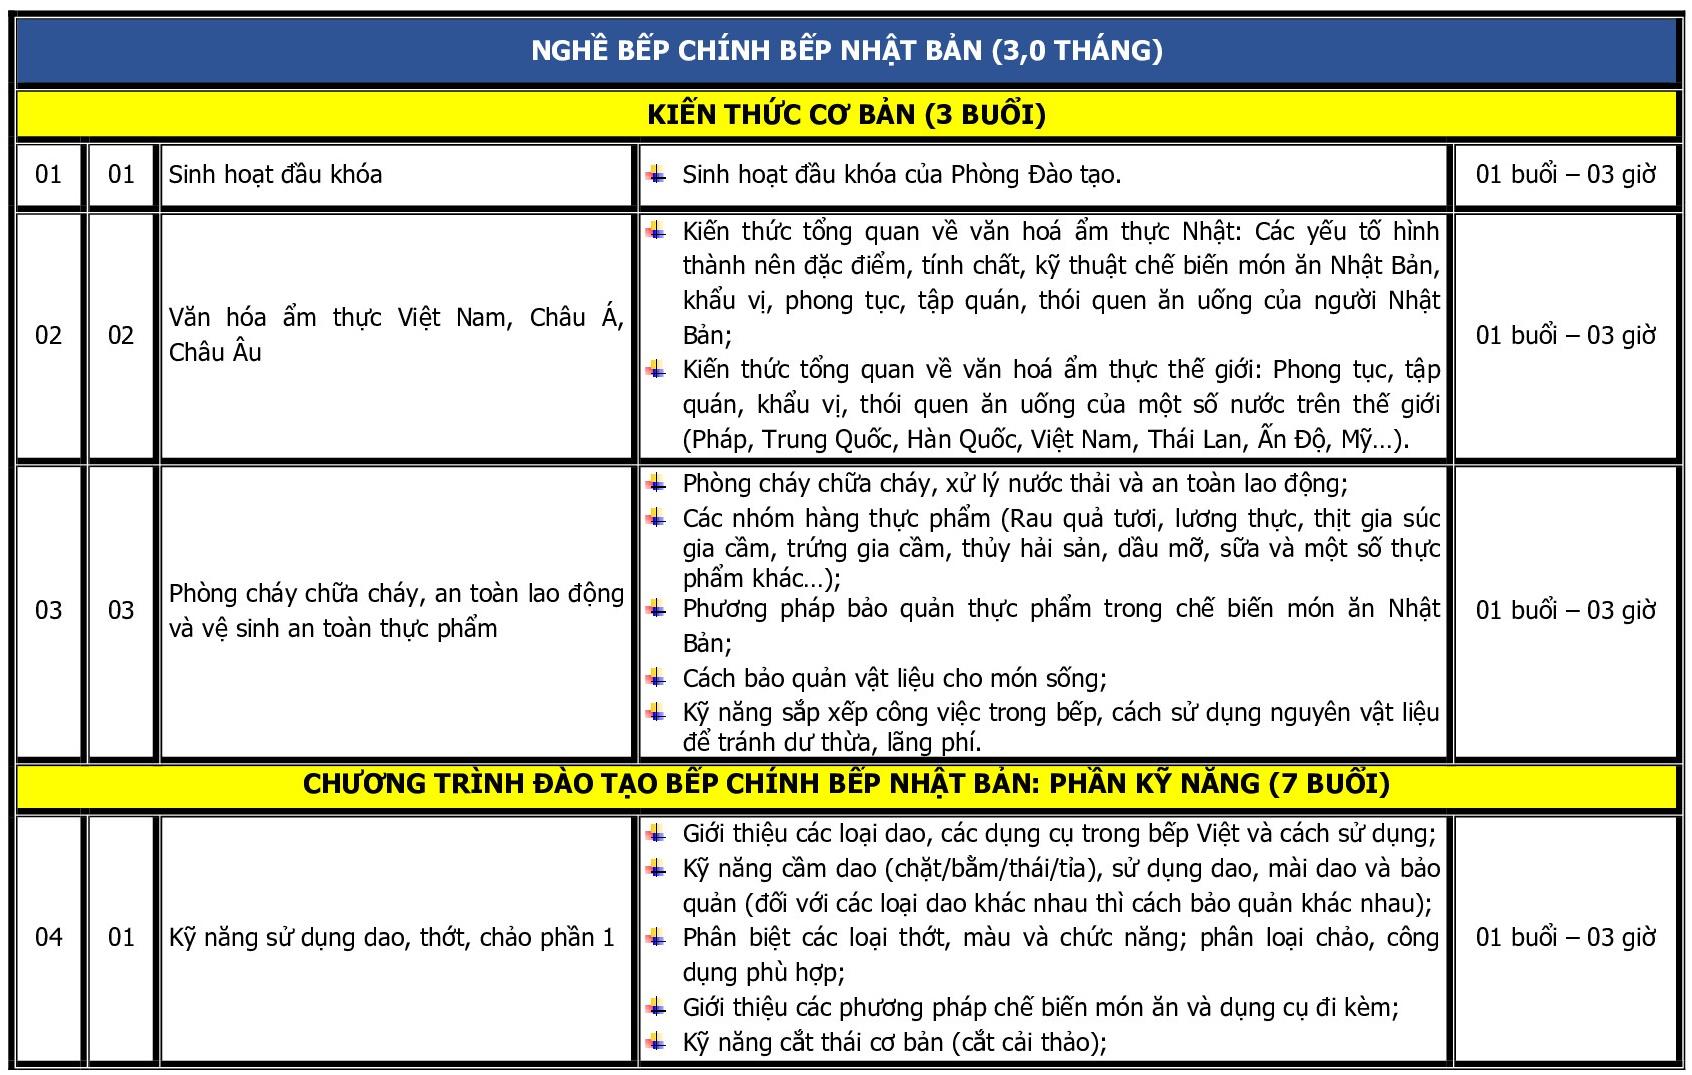 CT-DAO-TAO-BEP-CHINH-BEP-NHAT_p001